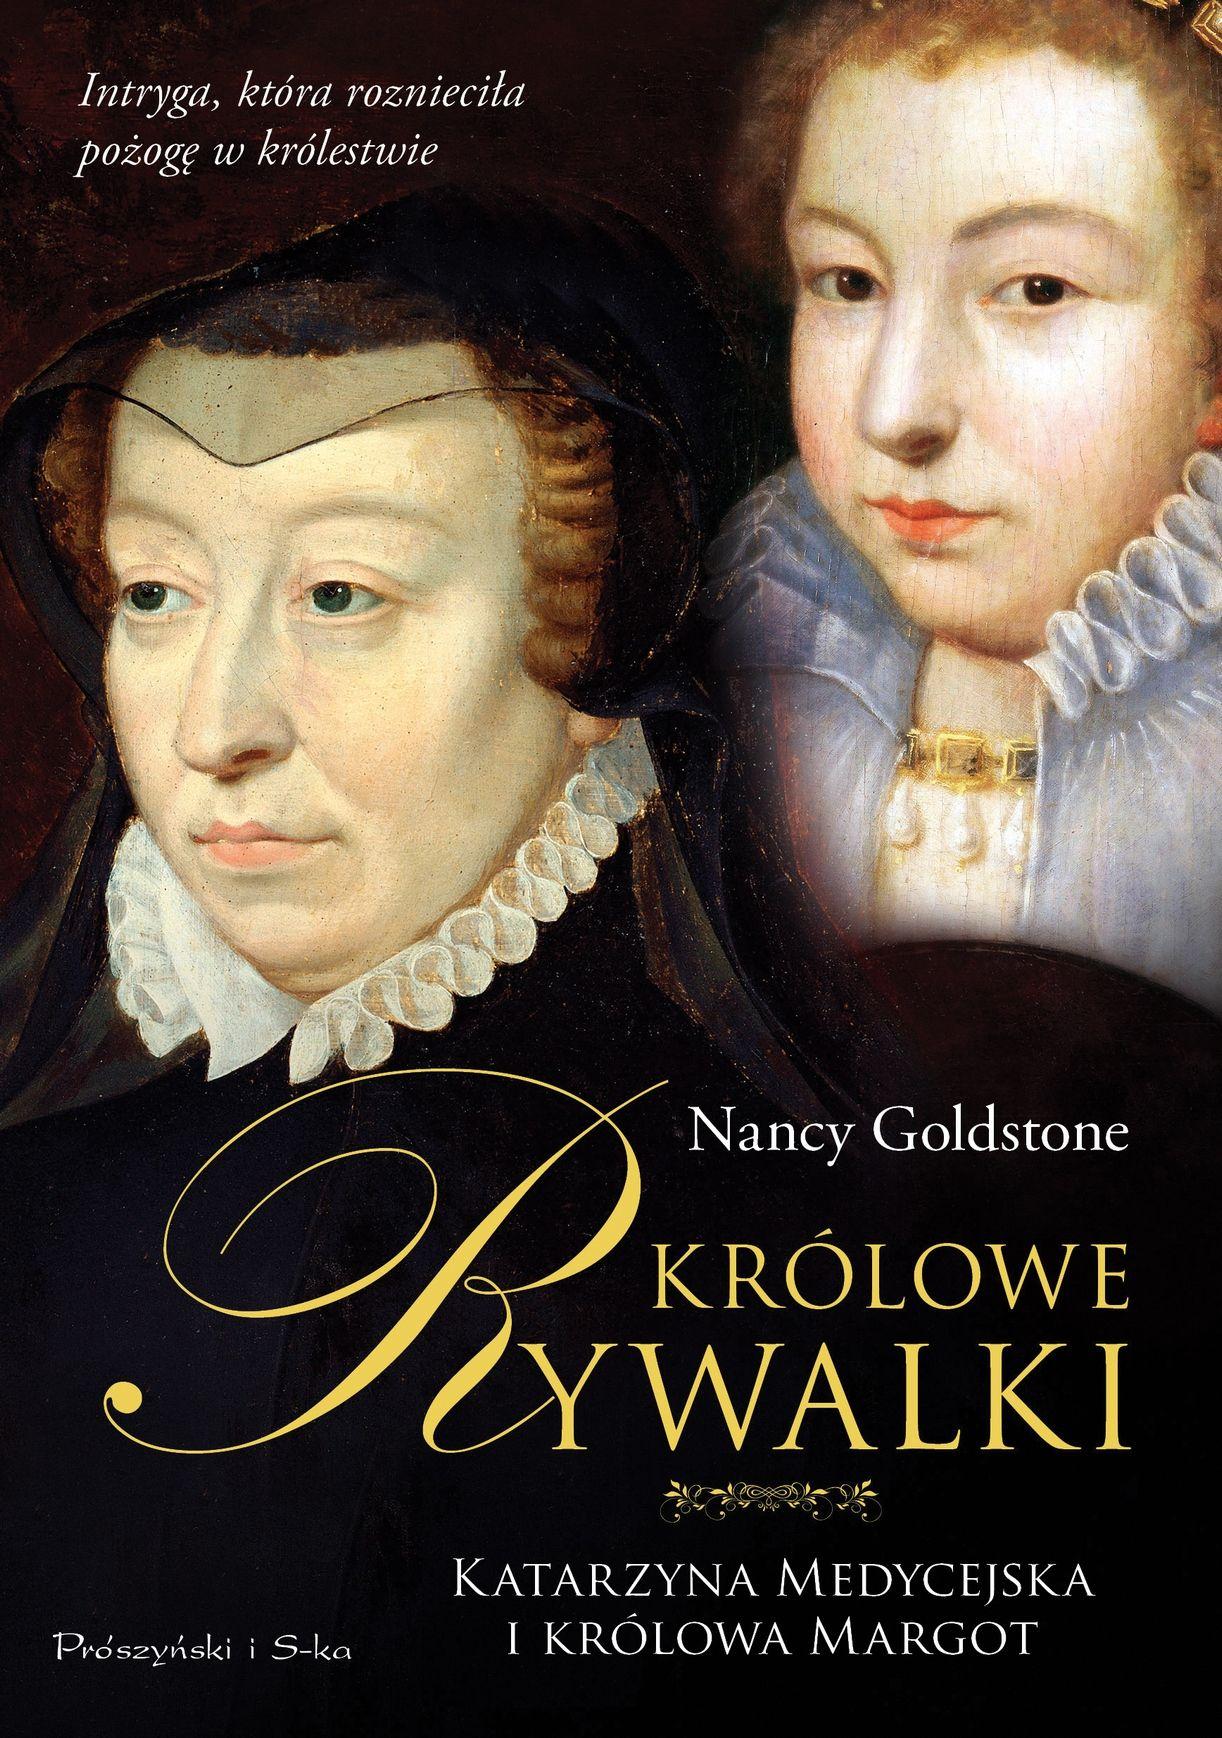 """To wszystko znajdziecie w książce Nancy Goldstone zatytułowanej """"Królowe rywalki. Katarzyna Medycejska i królowa Margot"""" (Wyd. Prószyński i S-ka 2016)."""